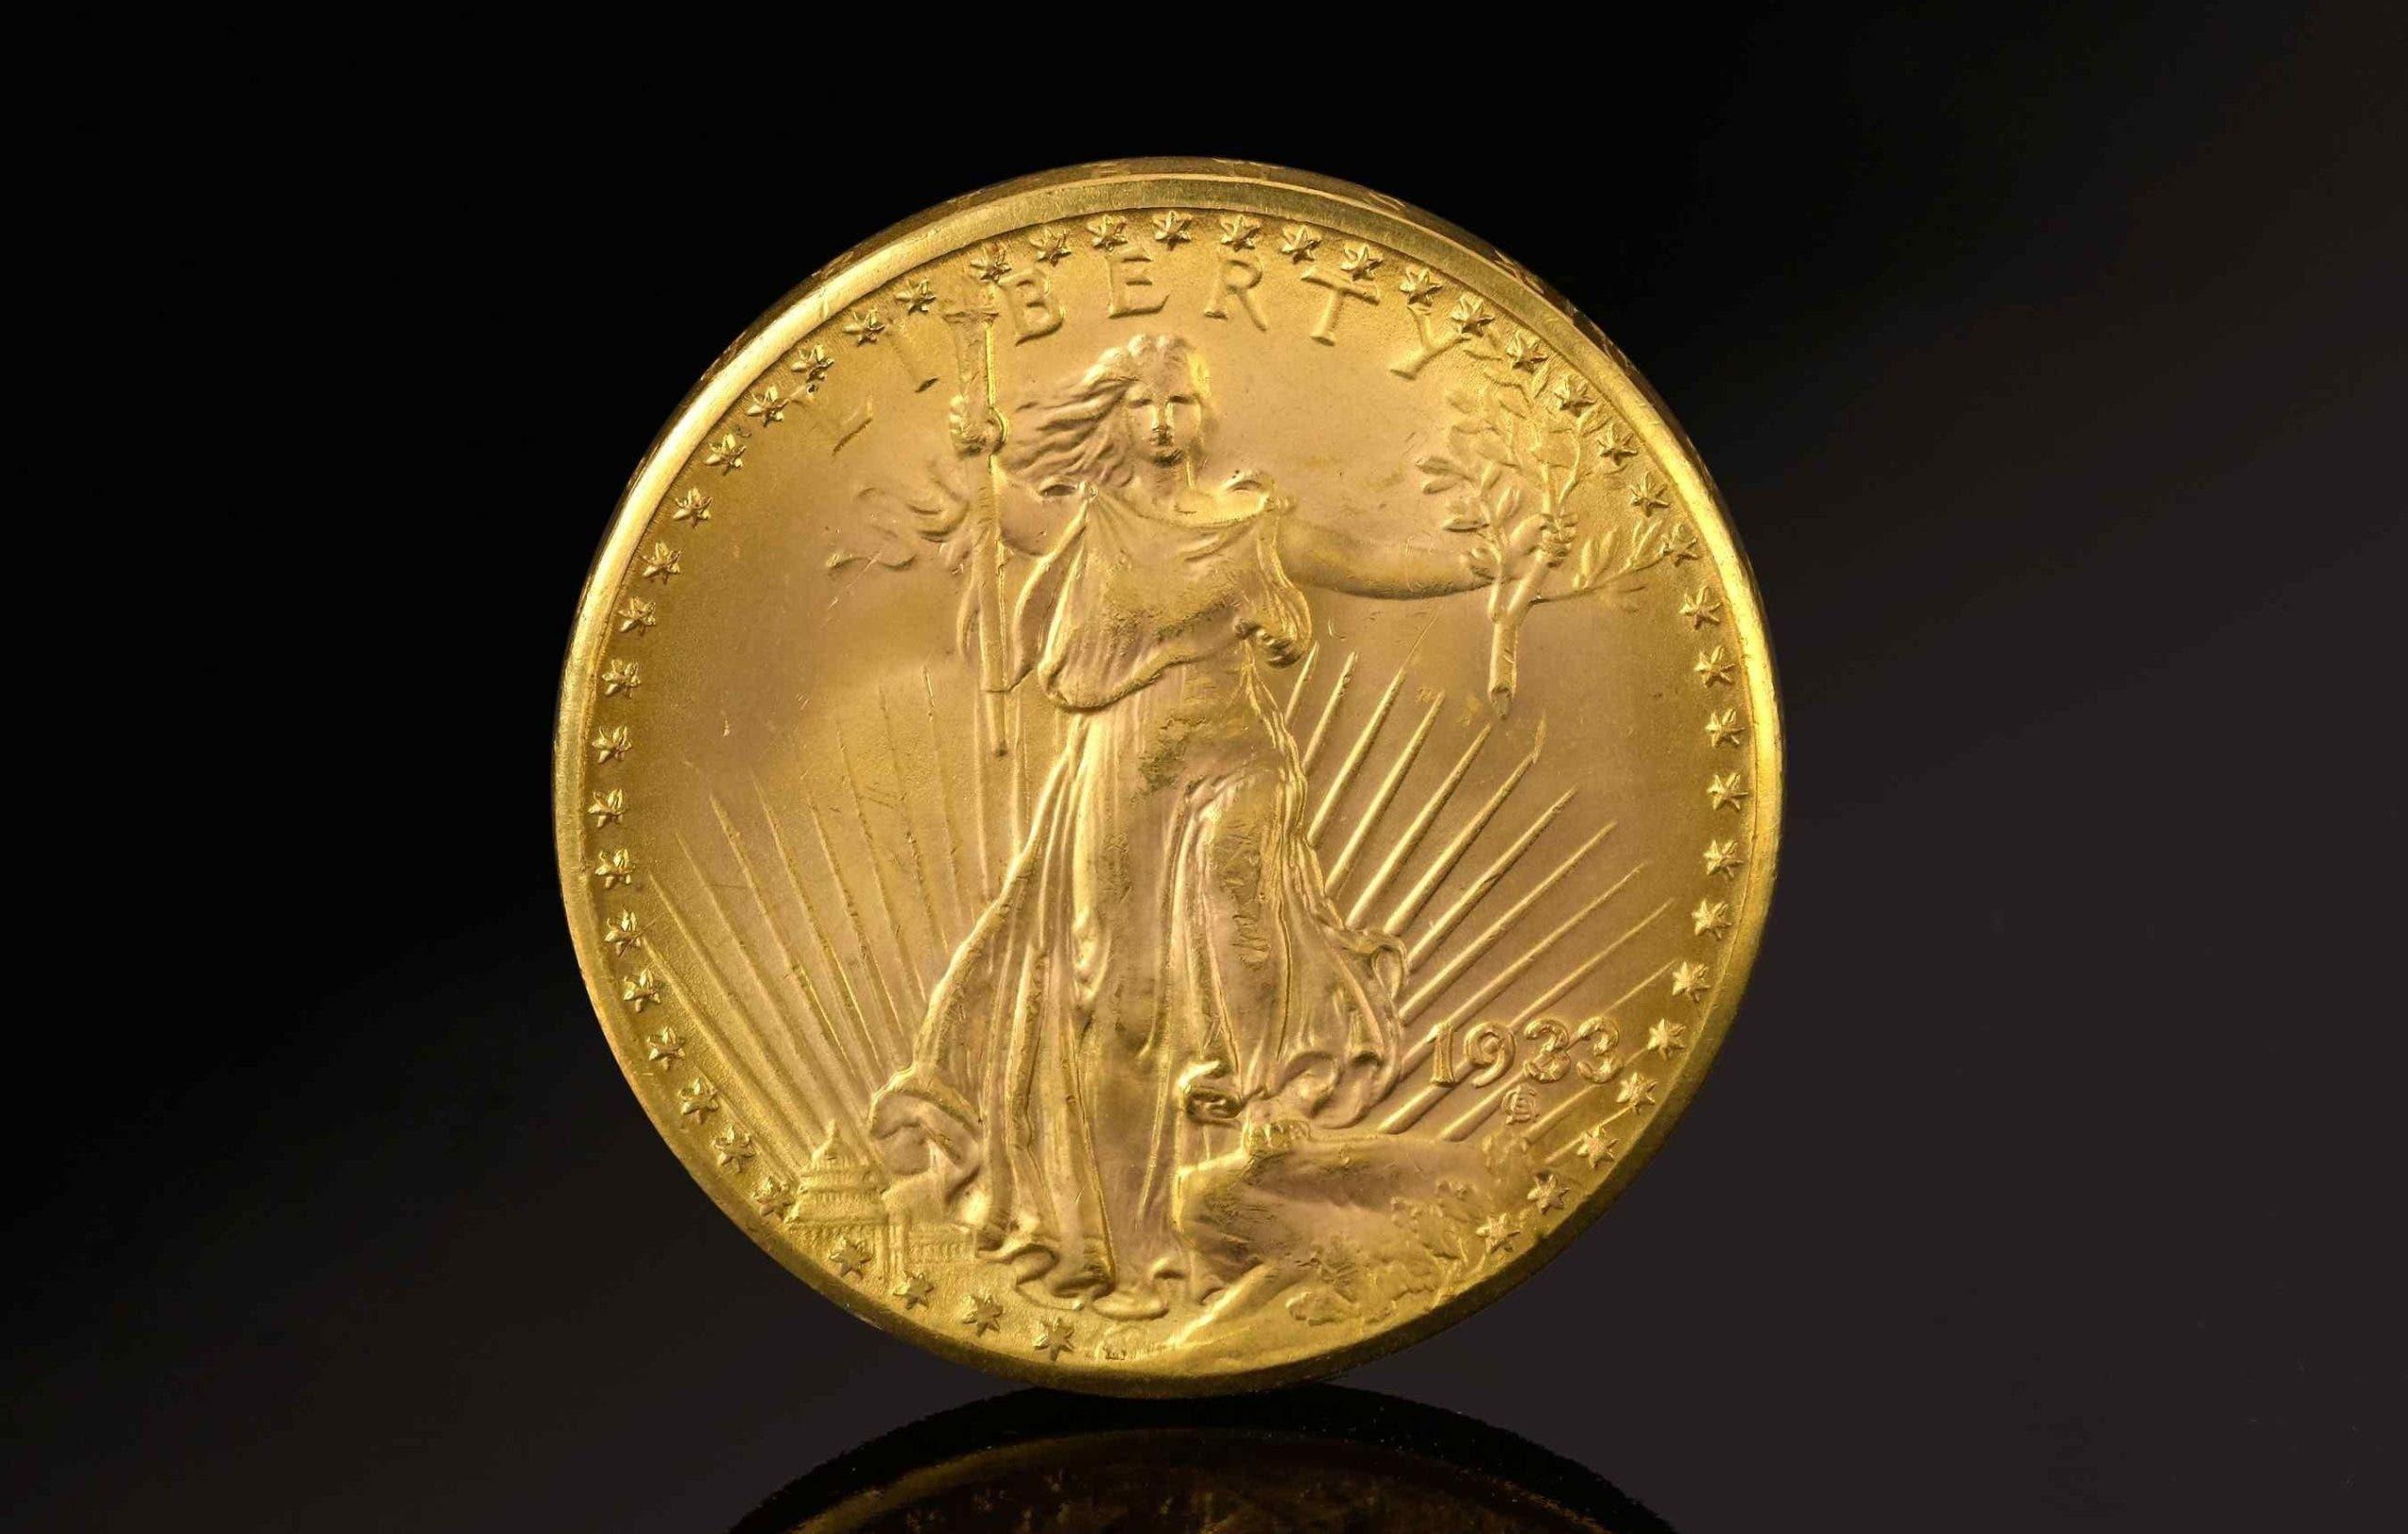 Subastan una moneda por 18,9 millones de dólares, la más cara del mundo